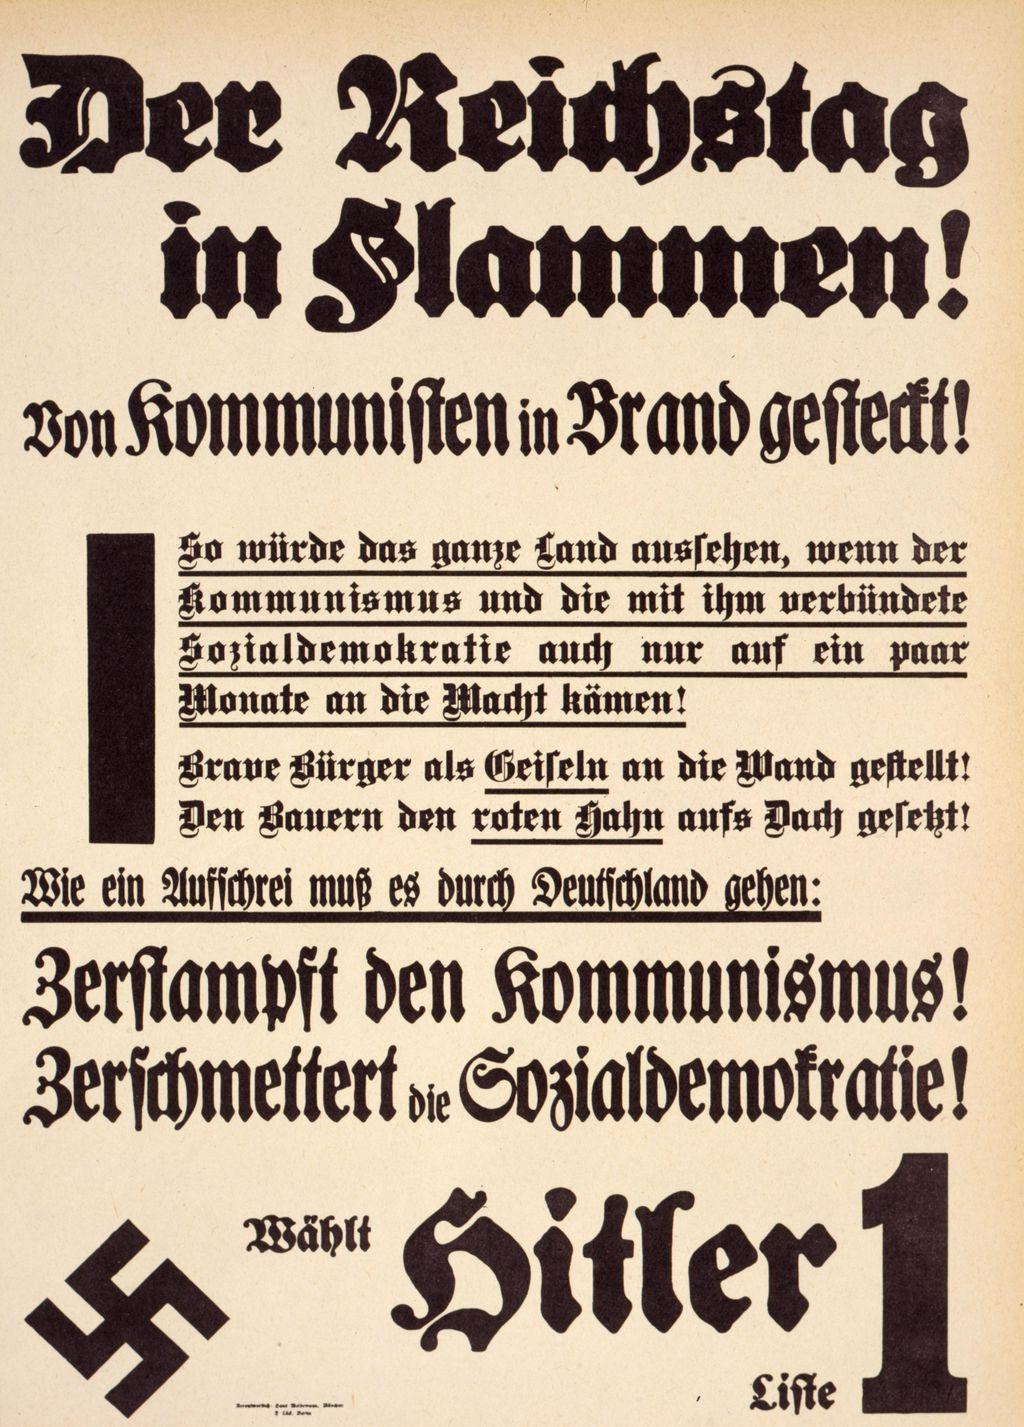 baldur von schirach gautreffen bremen 1933